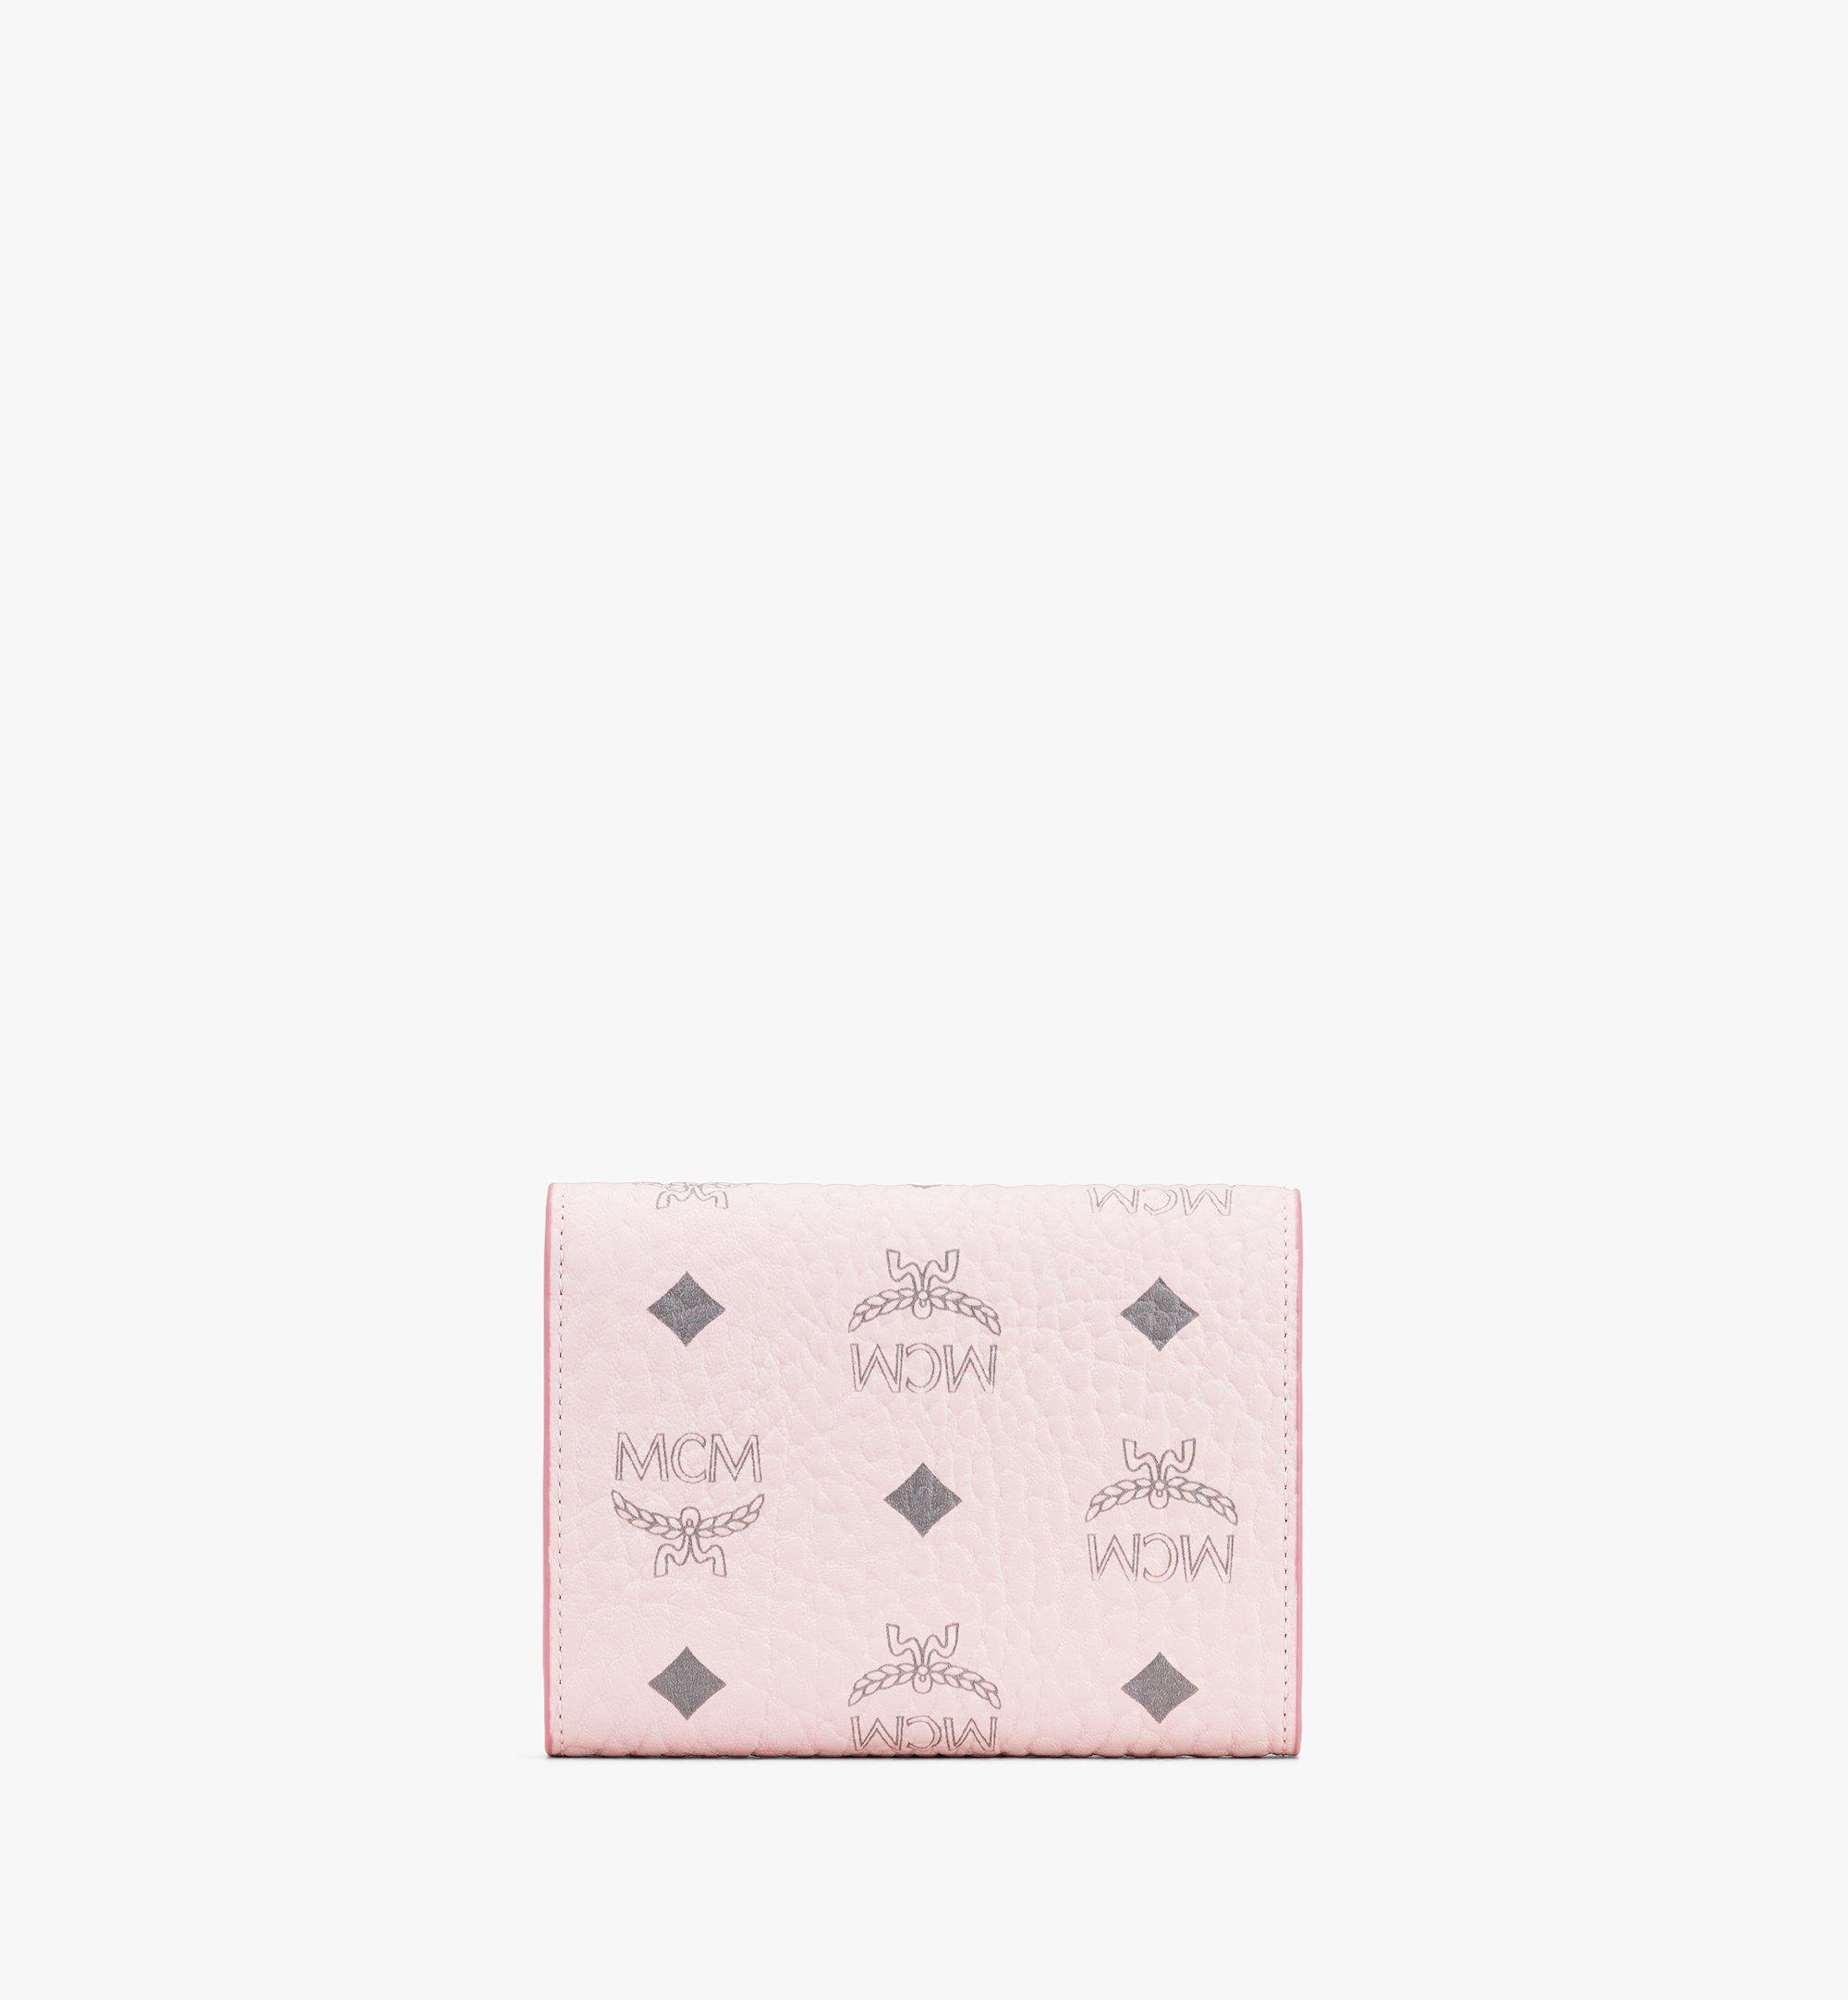 MCM Patricia Trifold Wallet in Visetos Pink MYS9APA13QH001 Alternate View 2